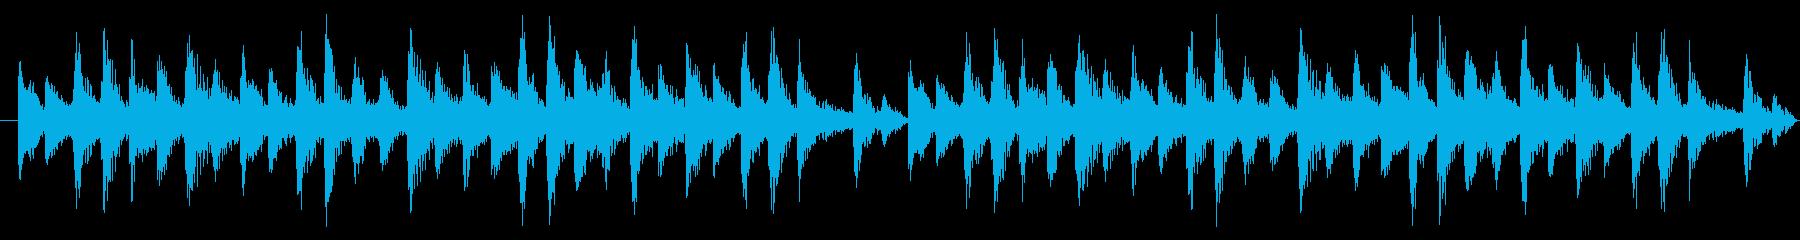 和風BGM_シンキングTime考え中の再生済みの波形